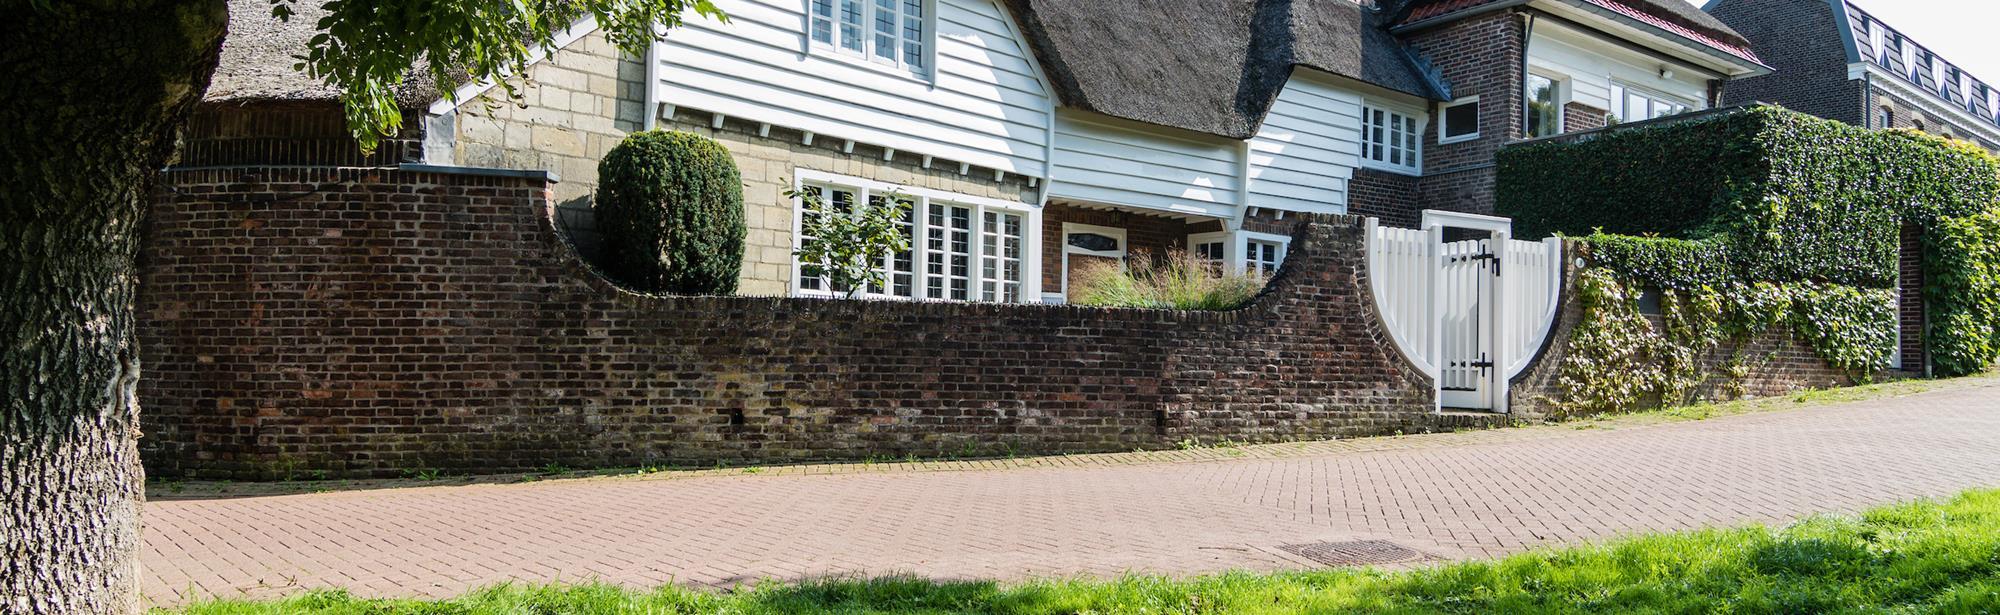 Huis architect Joan van der Mey